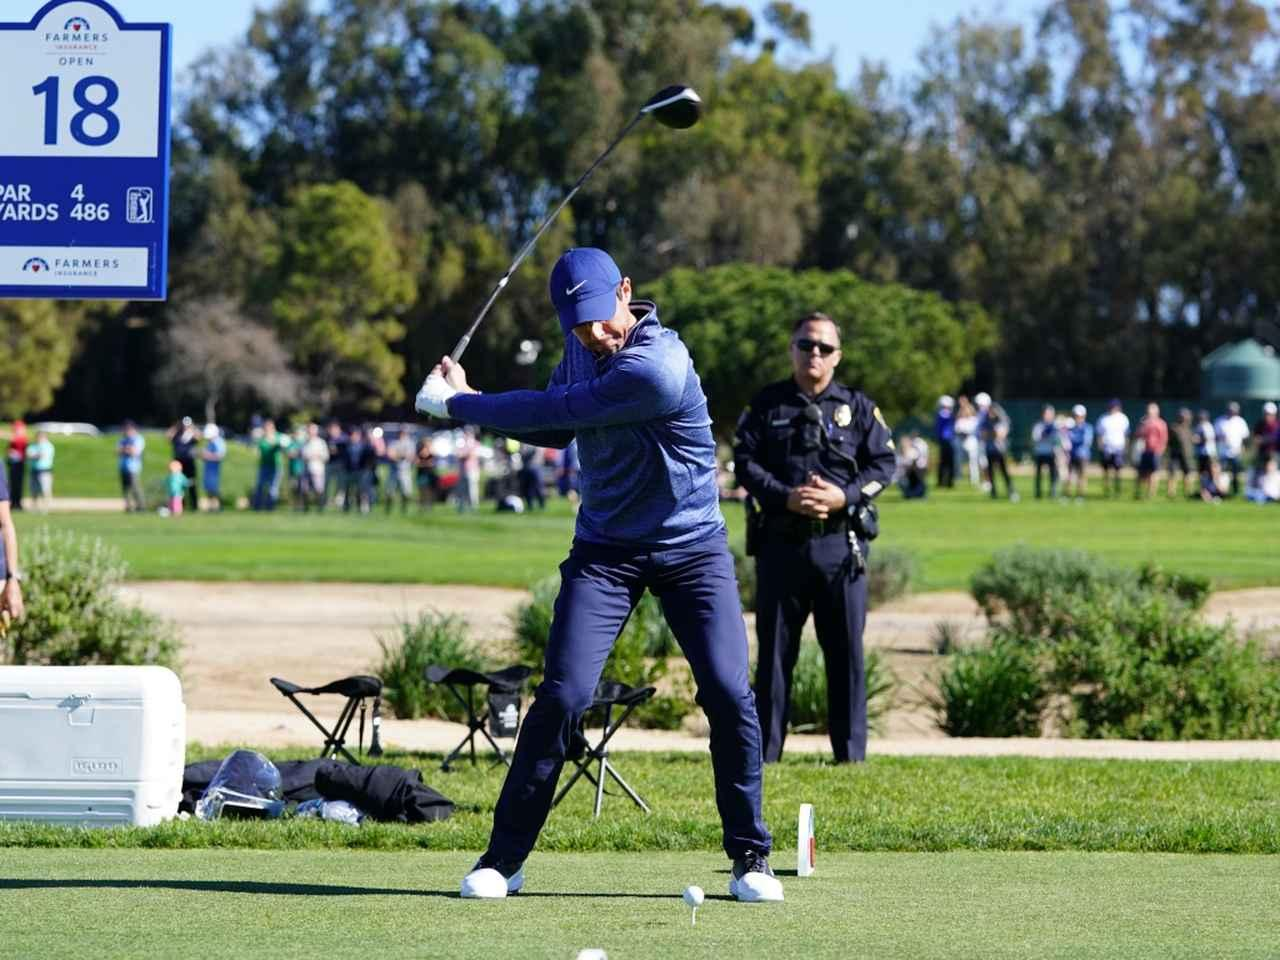 画像39: 【ギア研究】PGAツアートップ選手のレプリカドライバーを組んで打った。「運命のシャフトとヘッド」見つけ方